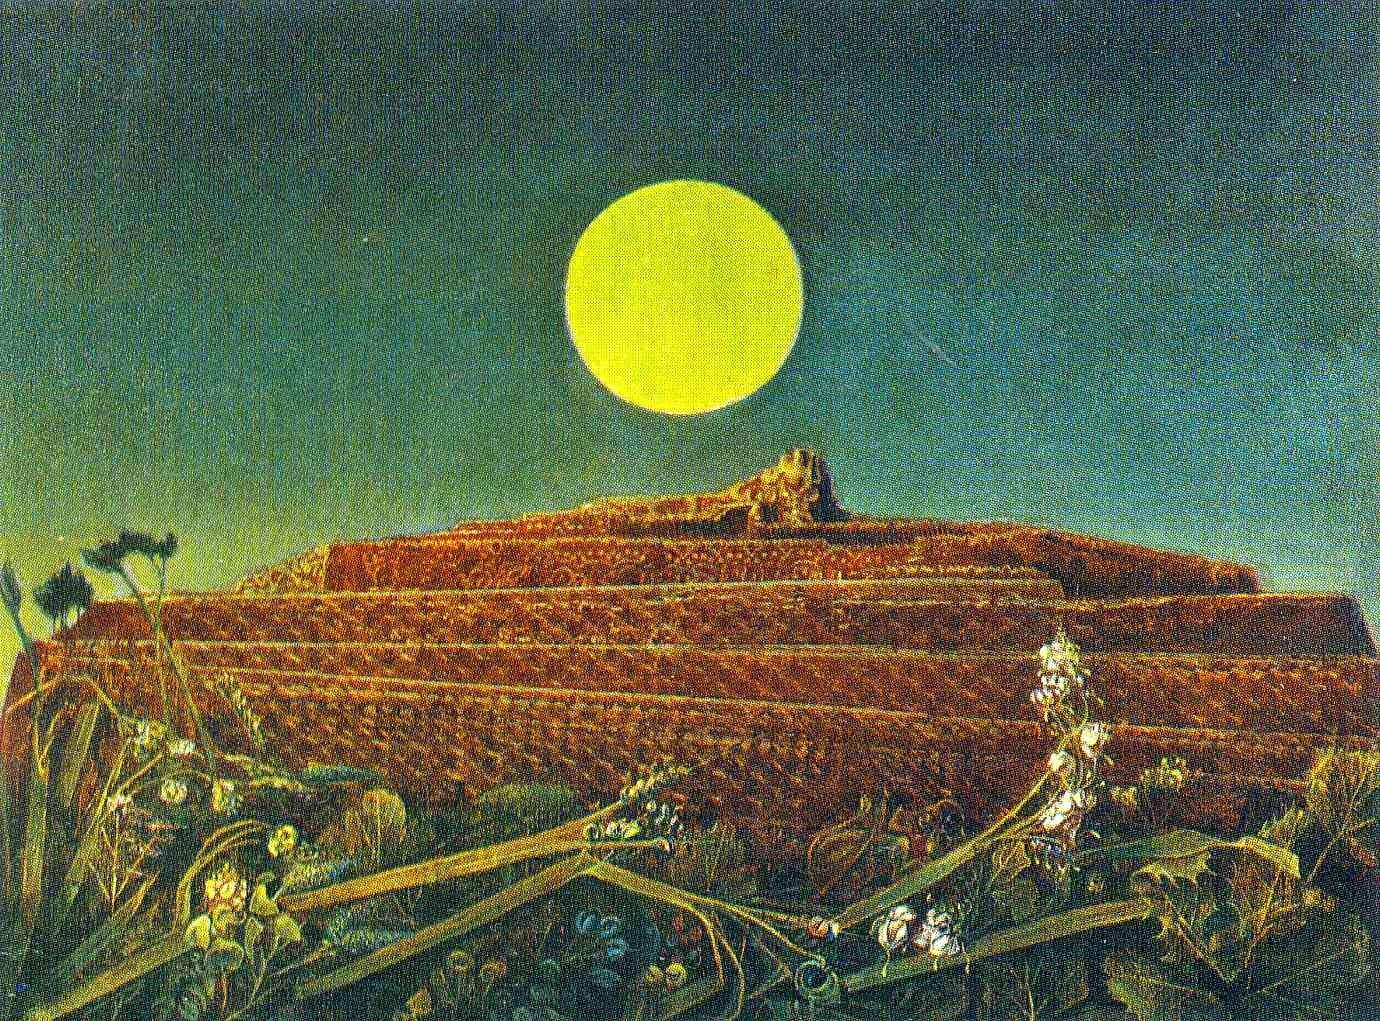 Gallery 135: Max Ernst.